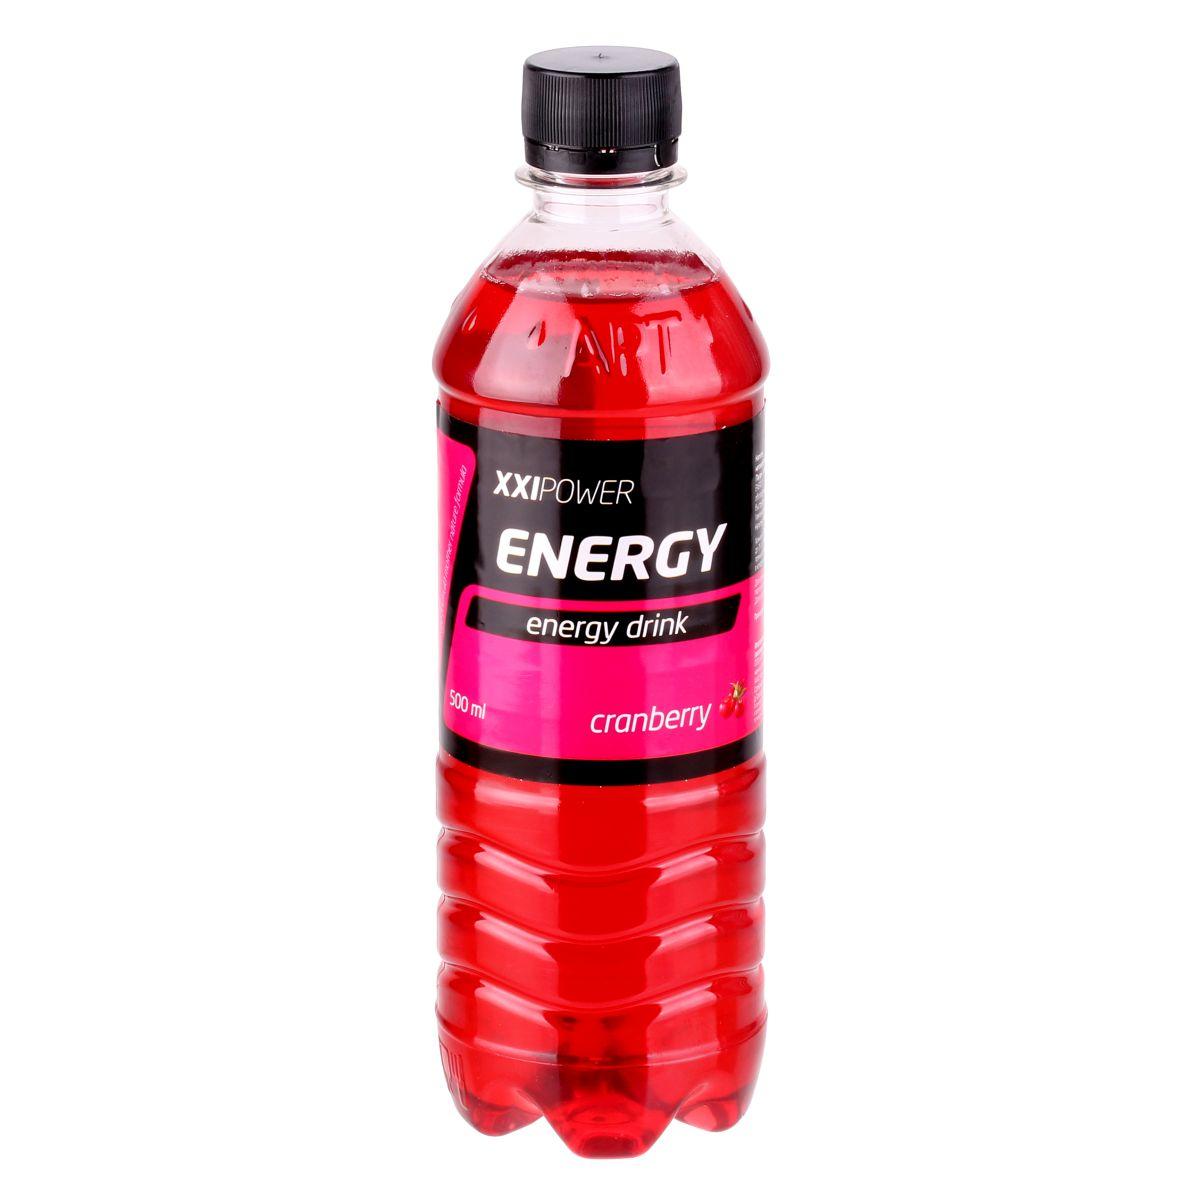 ХХI Power Напиток Энерджи, 0,5л4607062755679Напиток XXI Power Energy (L-Карнитин, Таурин, Гуарана + быстрые углеводы и витамины) Увеличивает выносливость,заряжает энергией Состав: Белок – 0 г, жиры – 0 г, углеводы – 35 г, L-Карнитин – 300 мг, таурин – 400 мг, экстракт Гуараны – 2000 мг, натрий – 220 мг, калий - 45 мг, магний – 3,6 мг, кальций – 90 мг, Калорийность – 144 ккал